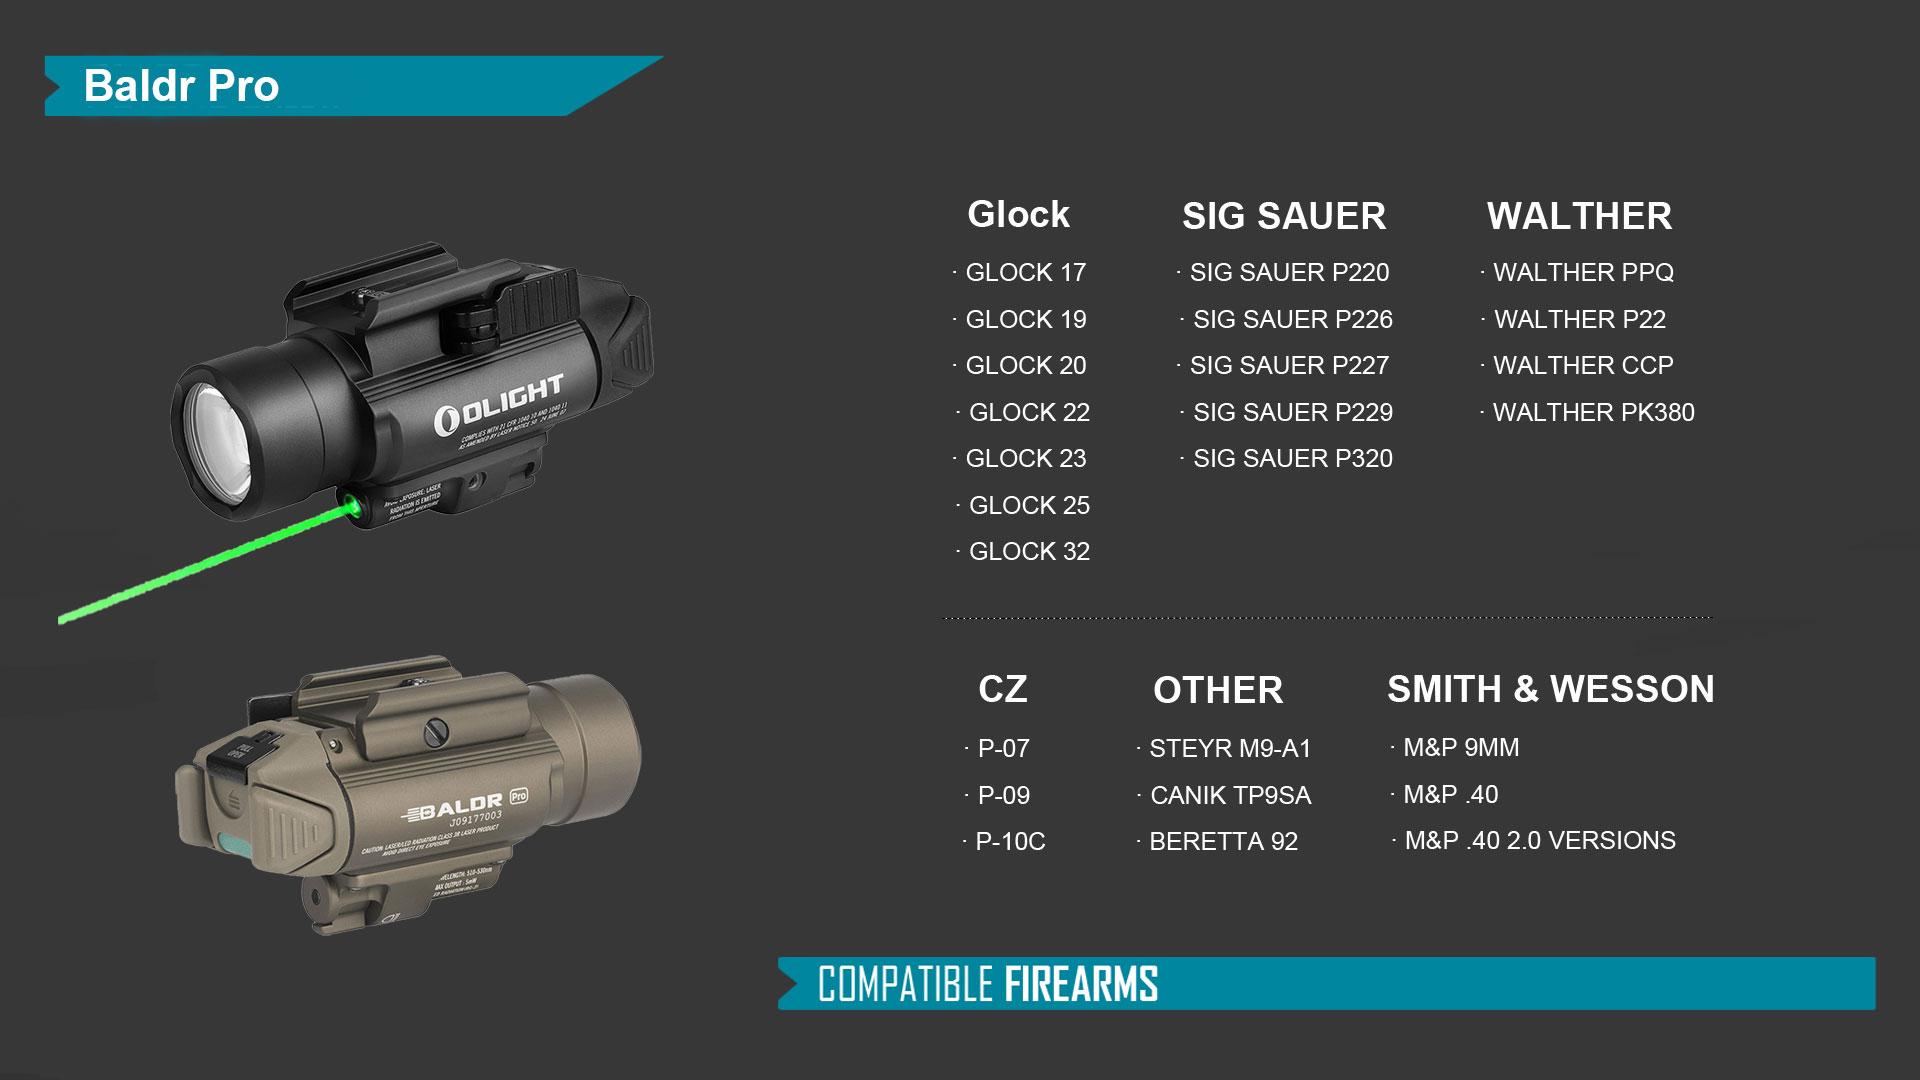 Baldr Pro tactical light green laser